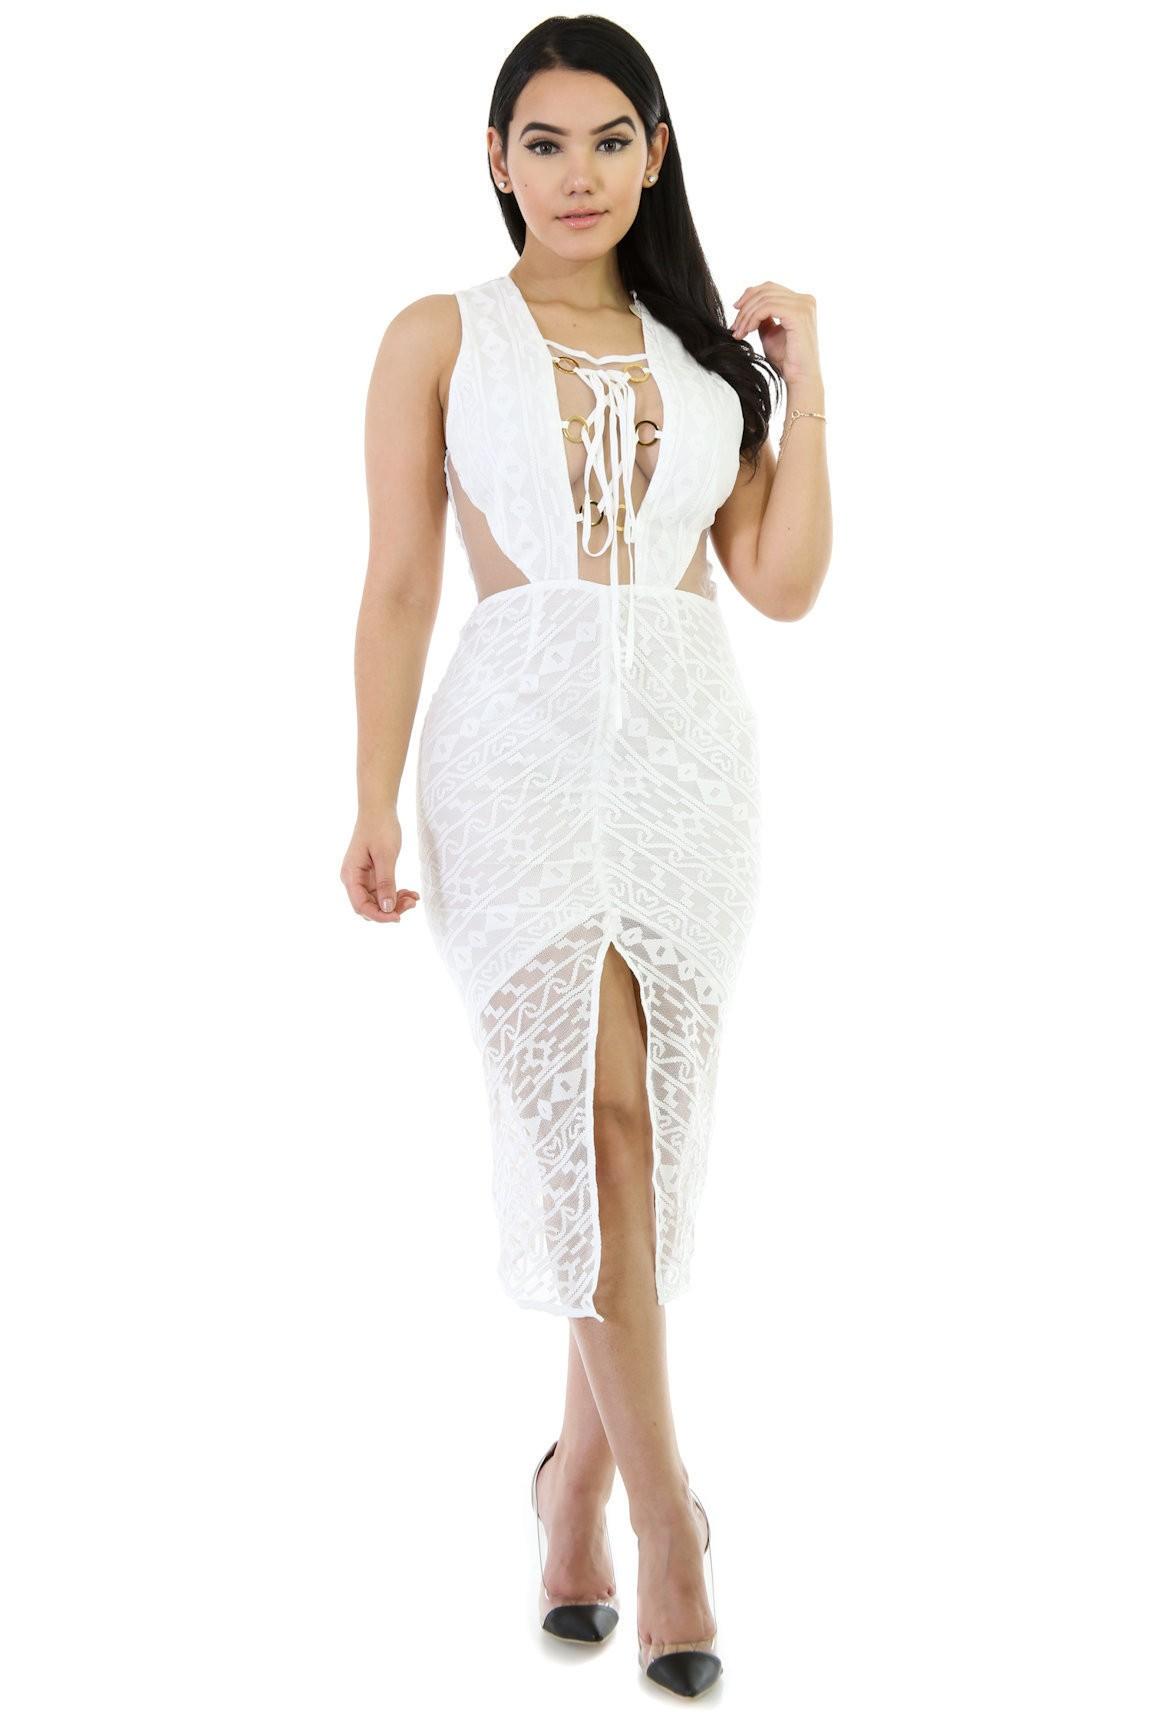 Pretty Body Knit Dress